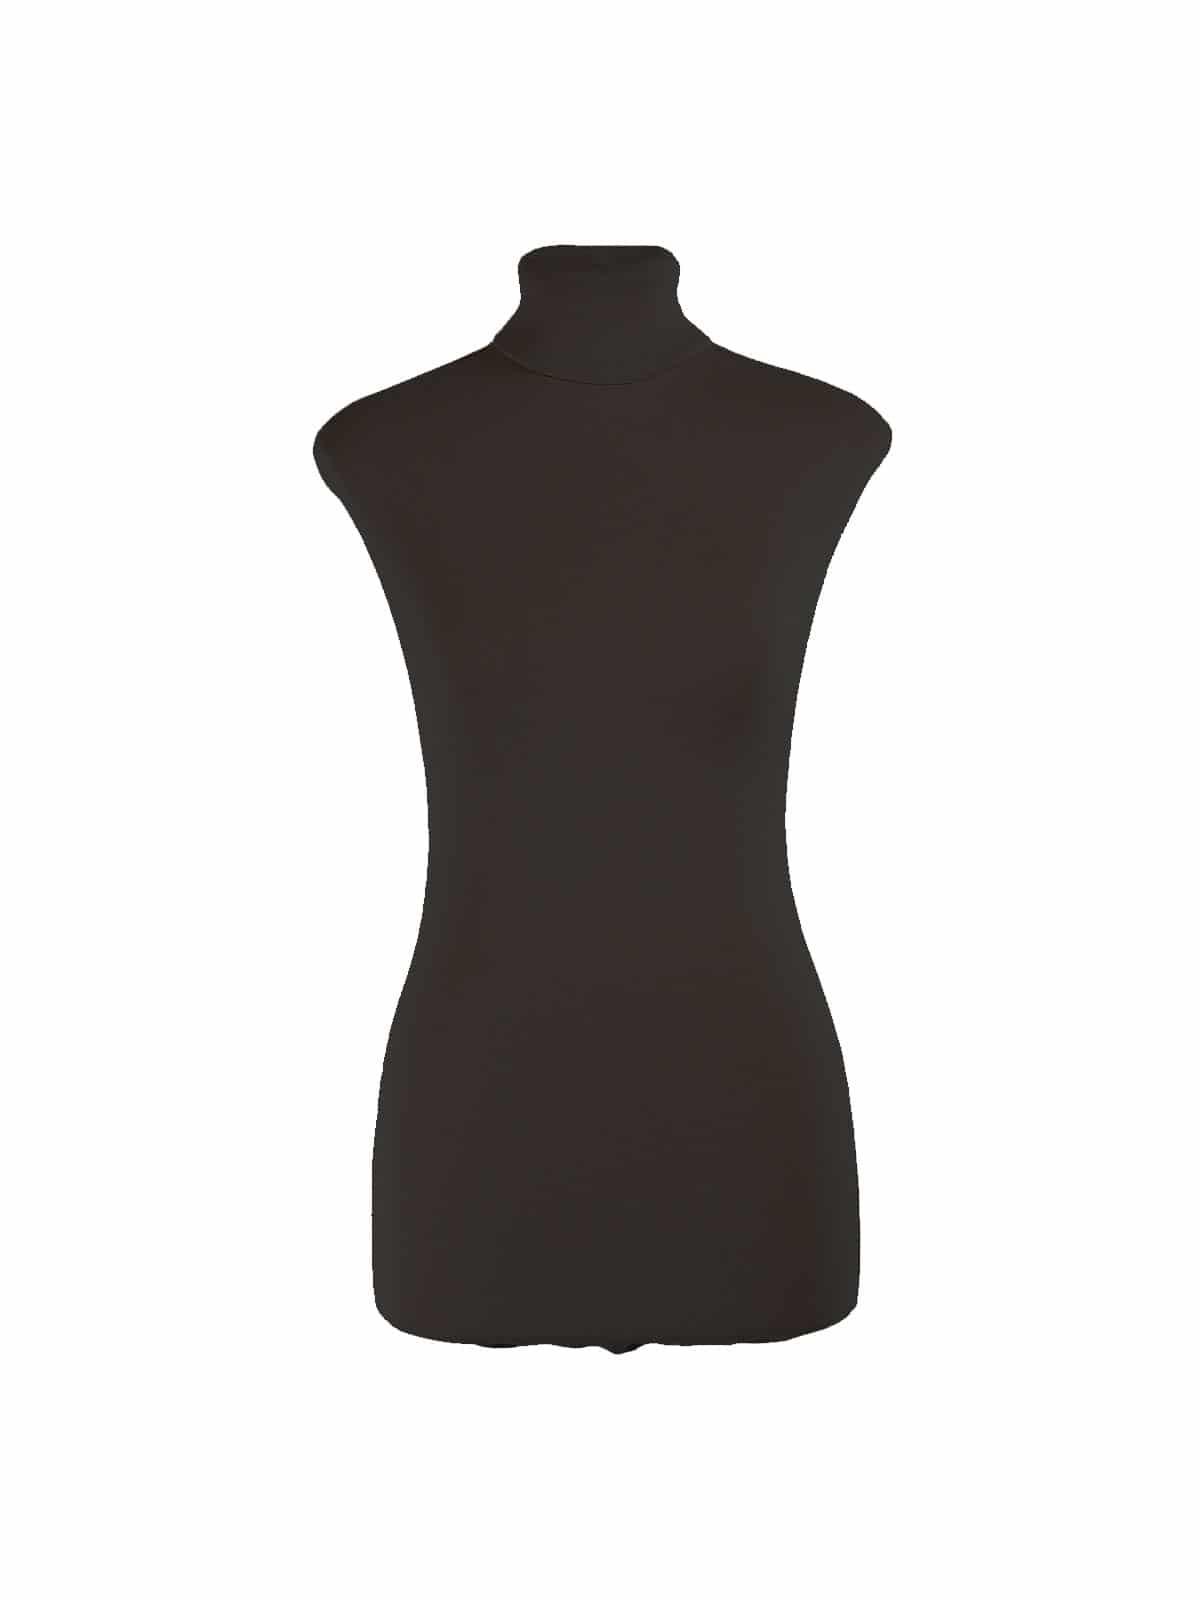 Мягкий портновский масштабный женский Betty 1:2 (42) стандарт, черный